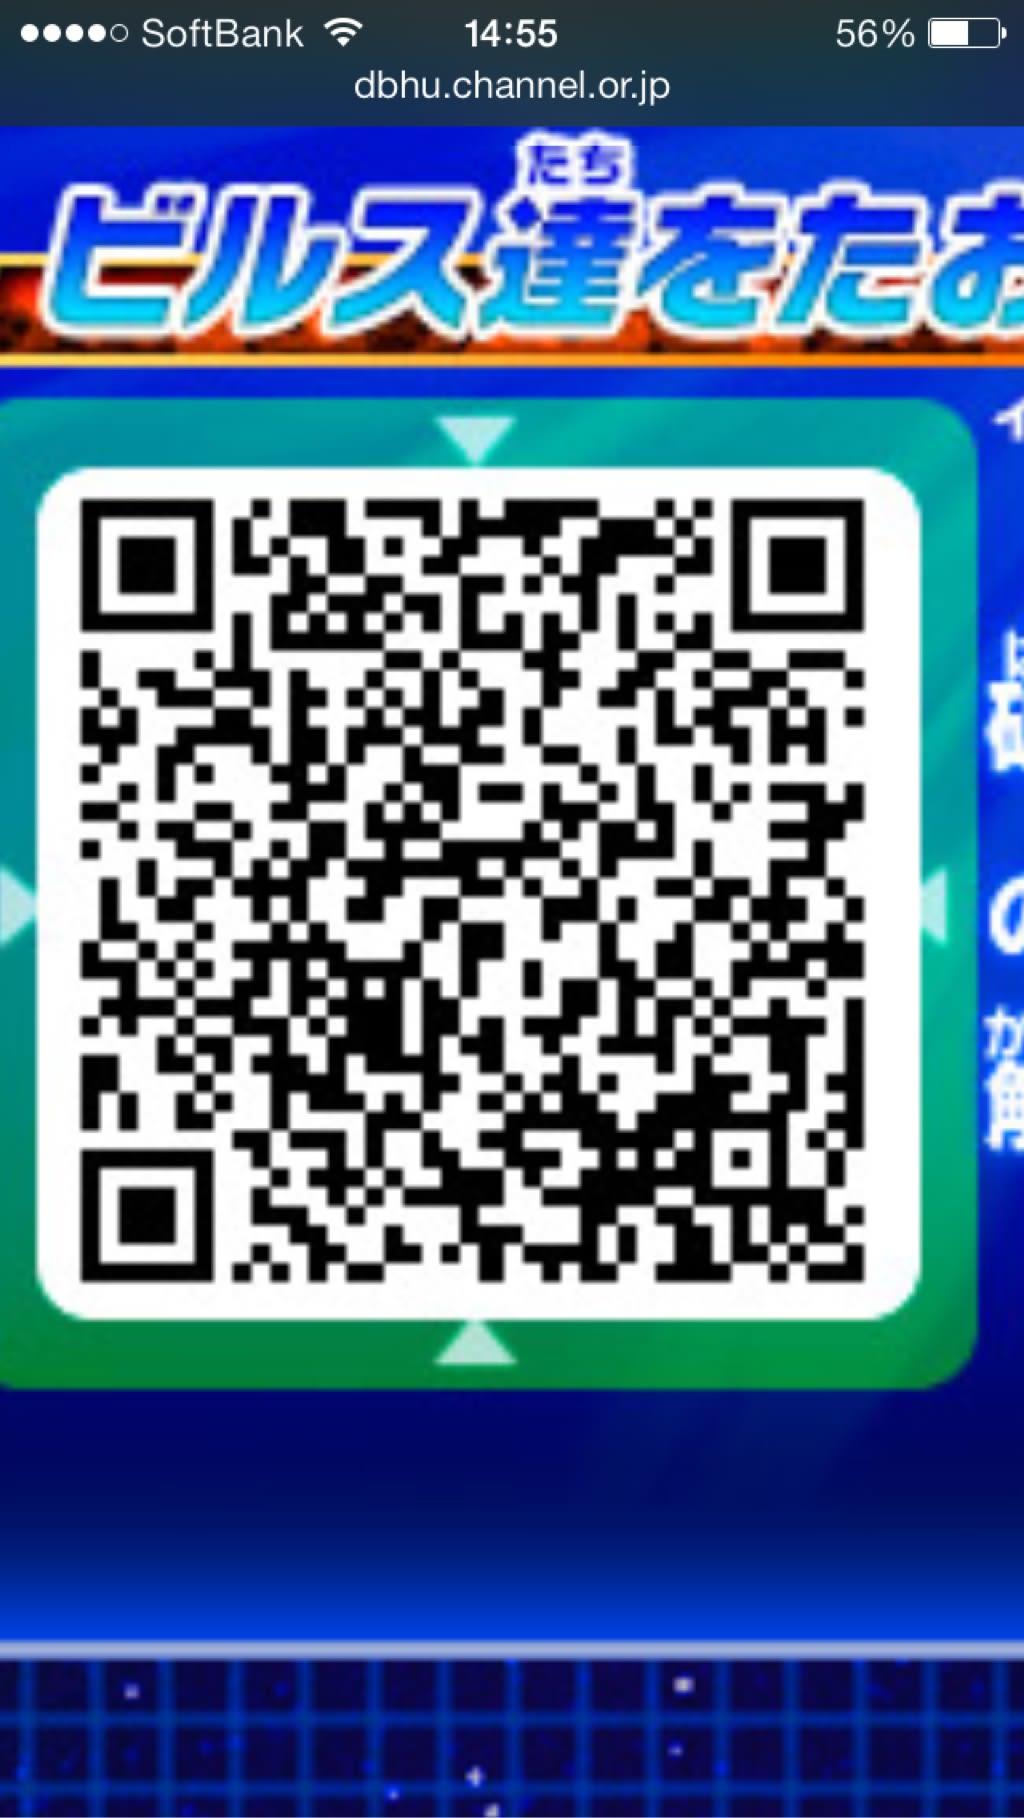 ドラゴンボール レジェンズ qr コード